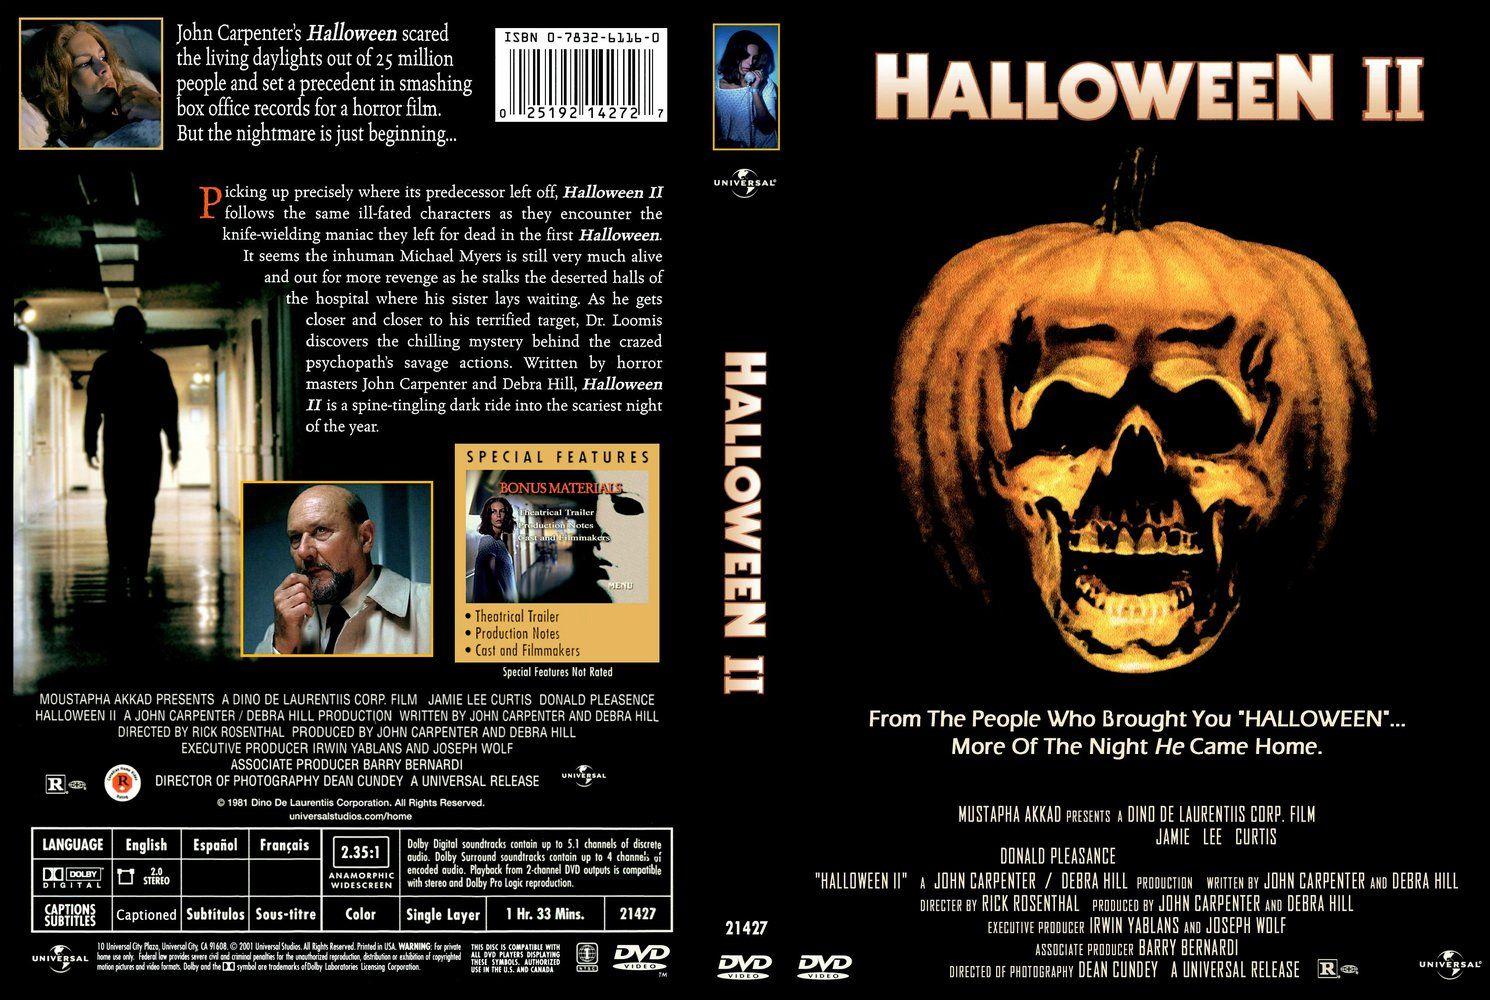 Halloween II (1981) DVD cover Michael myers halloween